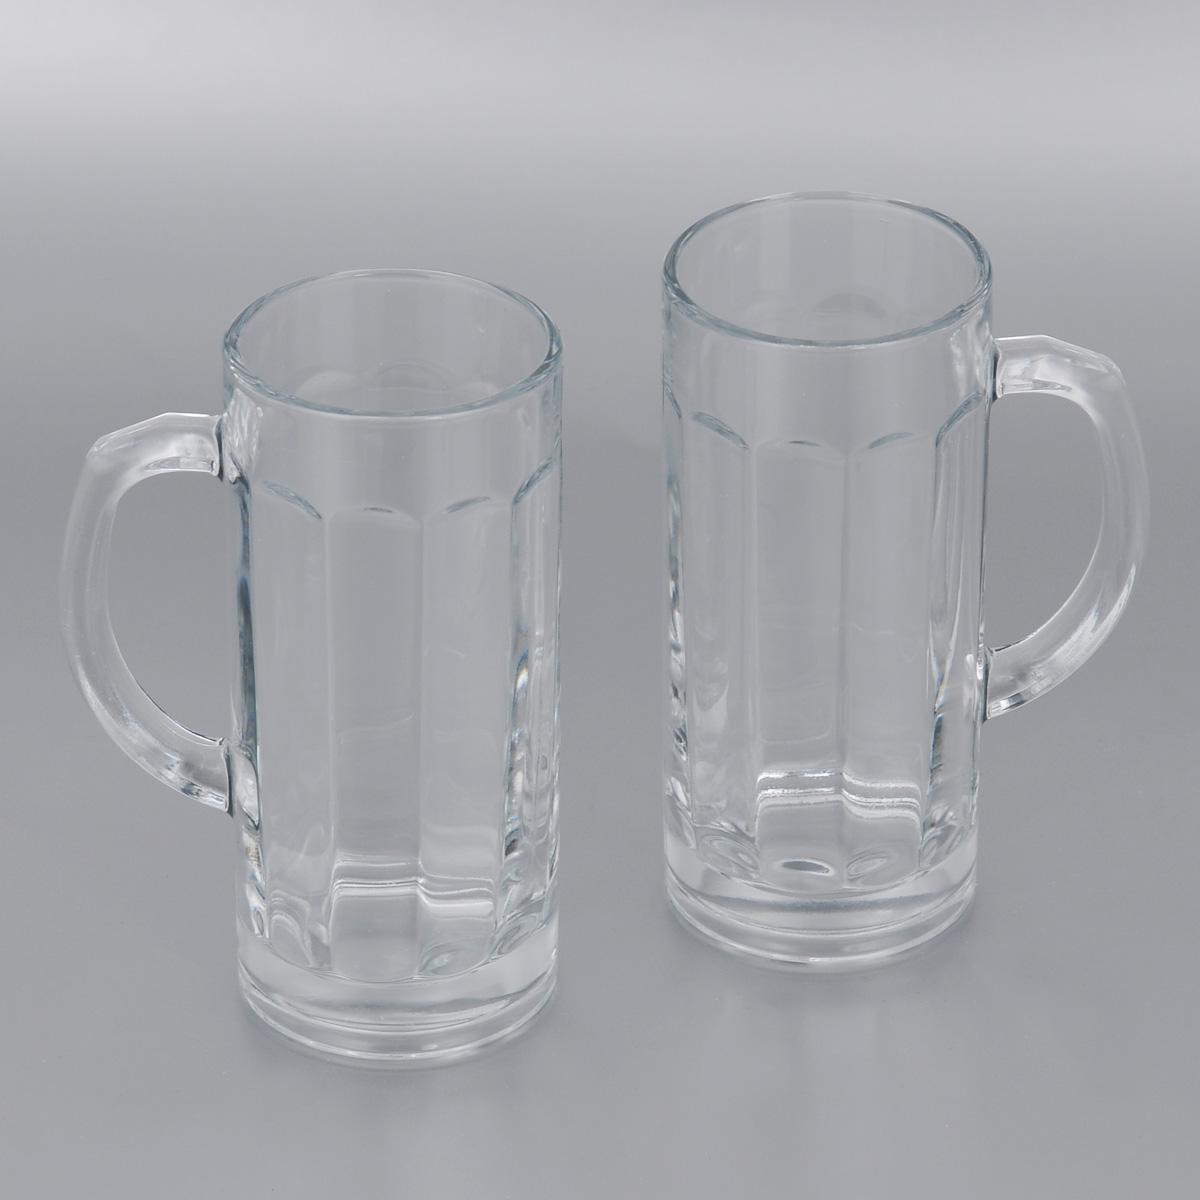 Набор пивных кружек Pasabahce Pub, 380 мл, 2 шт. 55109B115510Набор Pasabahce Pub состоит из двух пивных кружек, выполненных из прочного натрий-кальций-силикатного стекла. Внутри изделия оснащены рельефной многогранной поверхностью. Кружки оснащены удобными ручками и утолщенным дном. Такой набор прекрасно подойдет для любителей пенного напитка.Можно мыть в посудомоечной машине и использовать в микроволновой печи.Высота кружки: 16,5 см.Диаметр кружки (по верхнему краю): 7 см. 380 мл